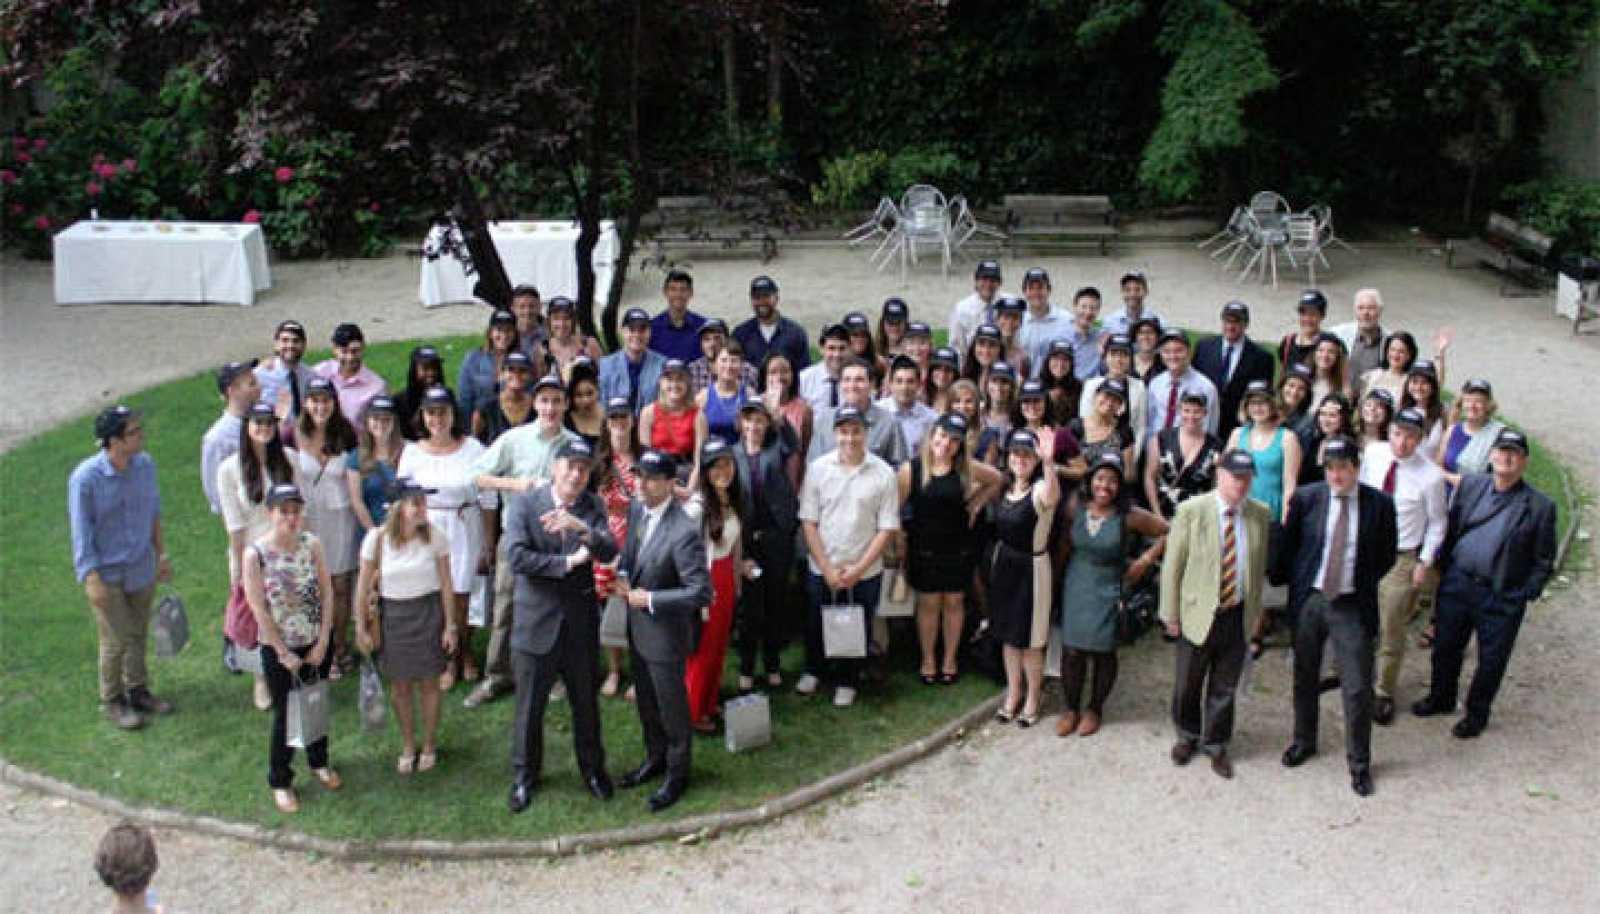 Participantes en el programa Fulbright que ha ganado el Príncipe de Asturias de la Cooperación